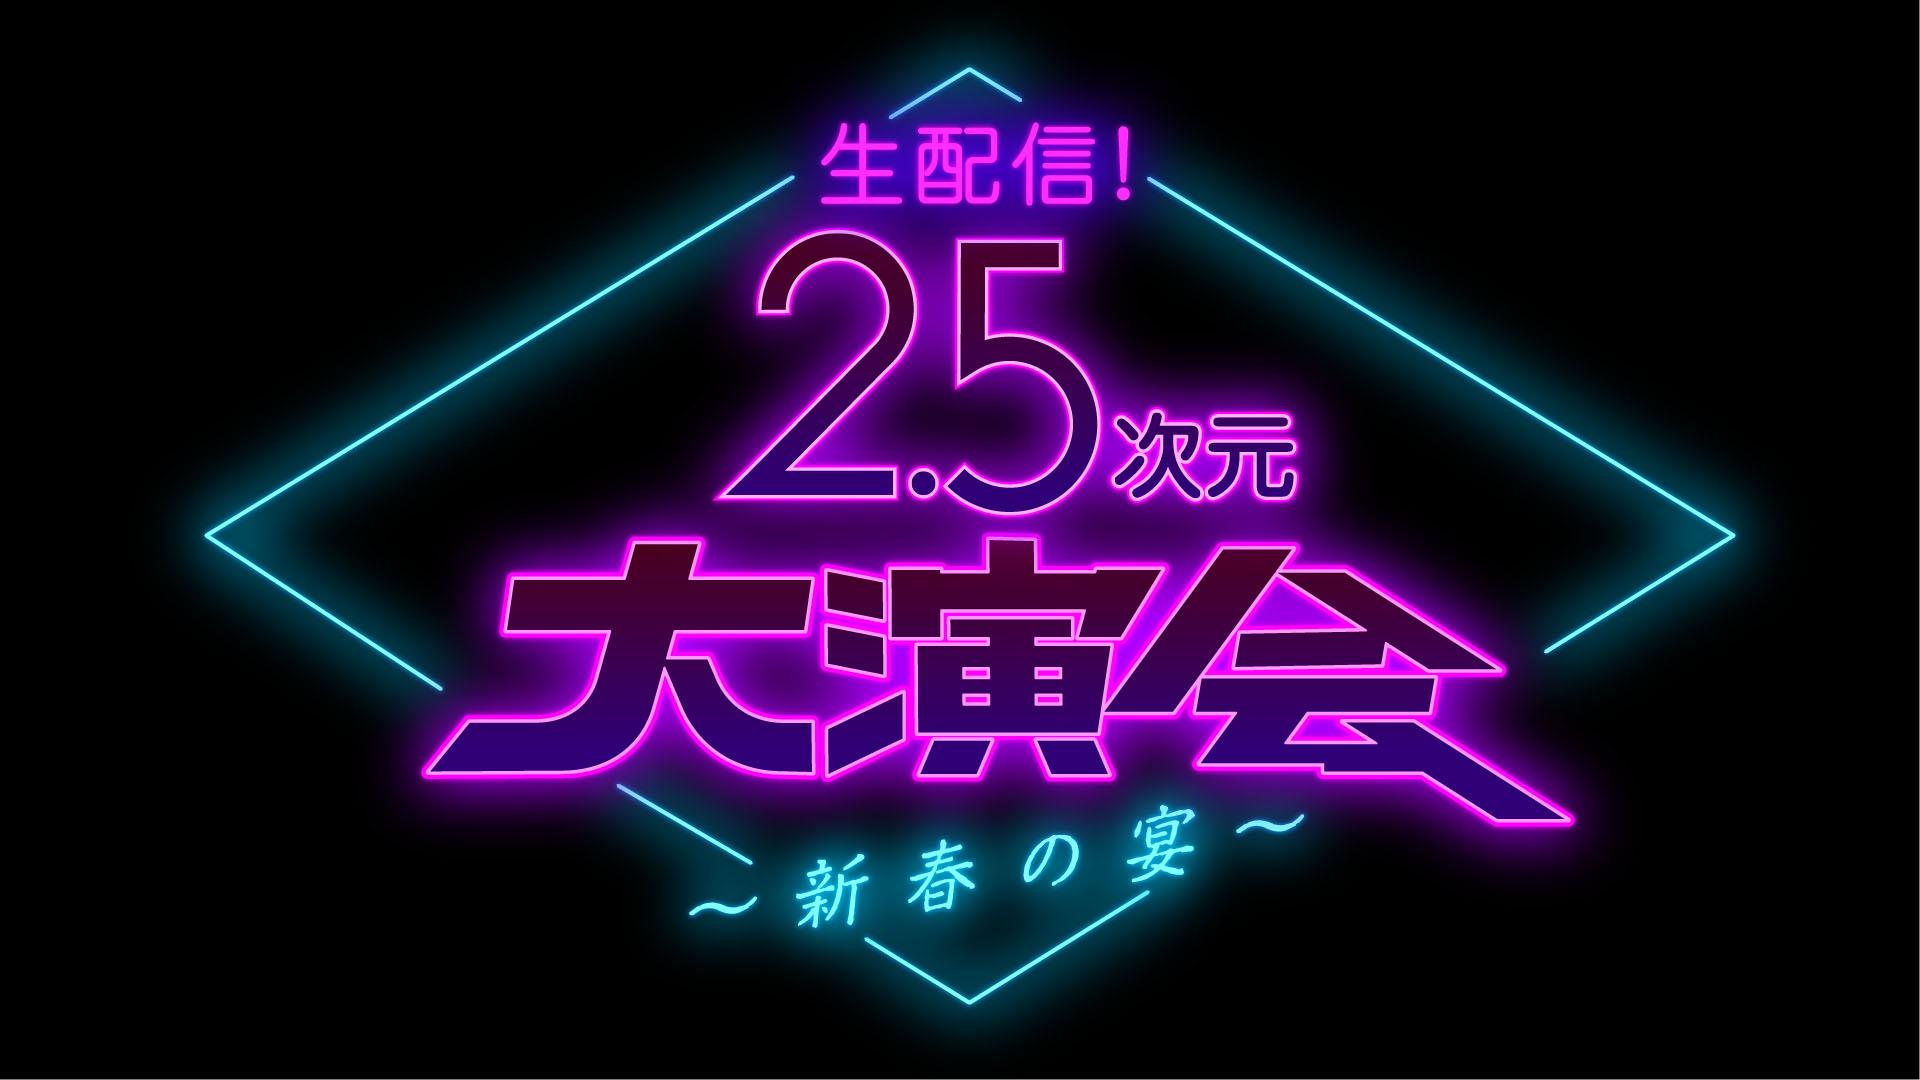 『2.5次元大演会』スペシャルゲスト8人が発表 鈴木拡樹、梅津瑞樹、曽田陵介ら イメージ画像